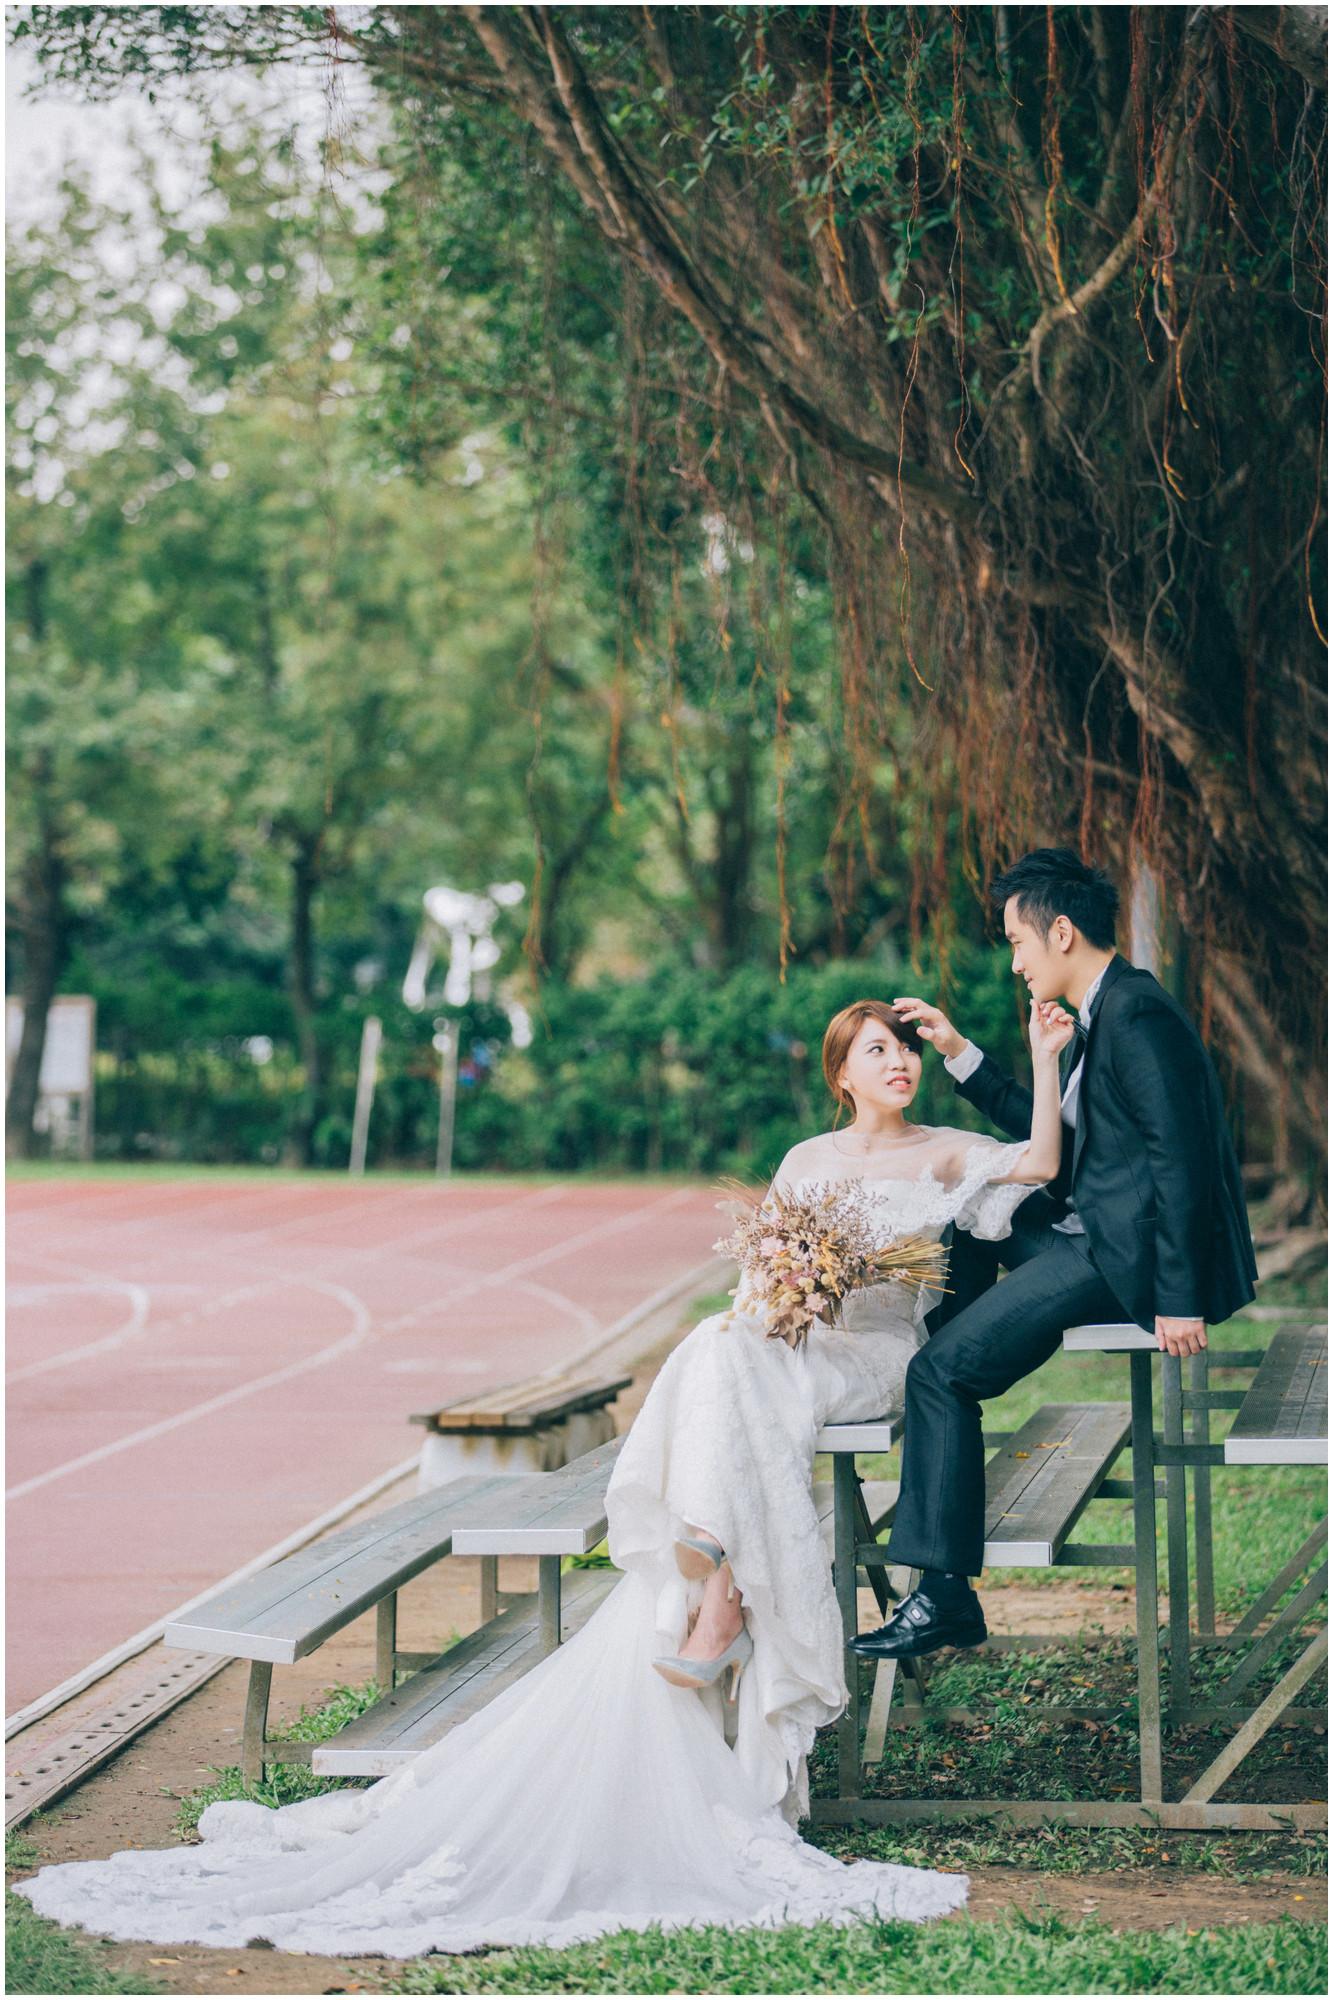 台北街景 / 華山藝文特區 / 寵物婚紗 / 校園婚紗 / 政治大學